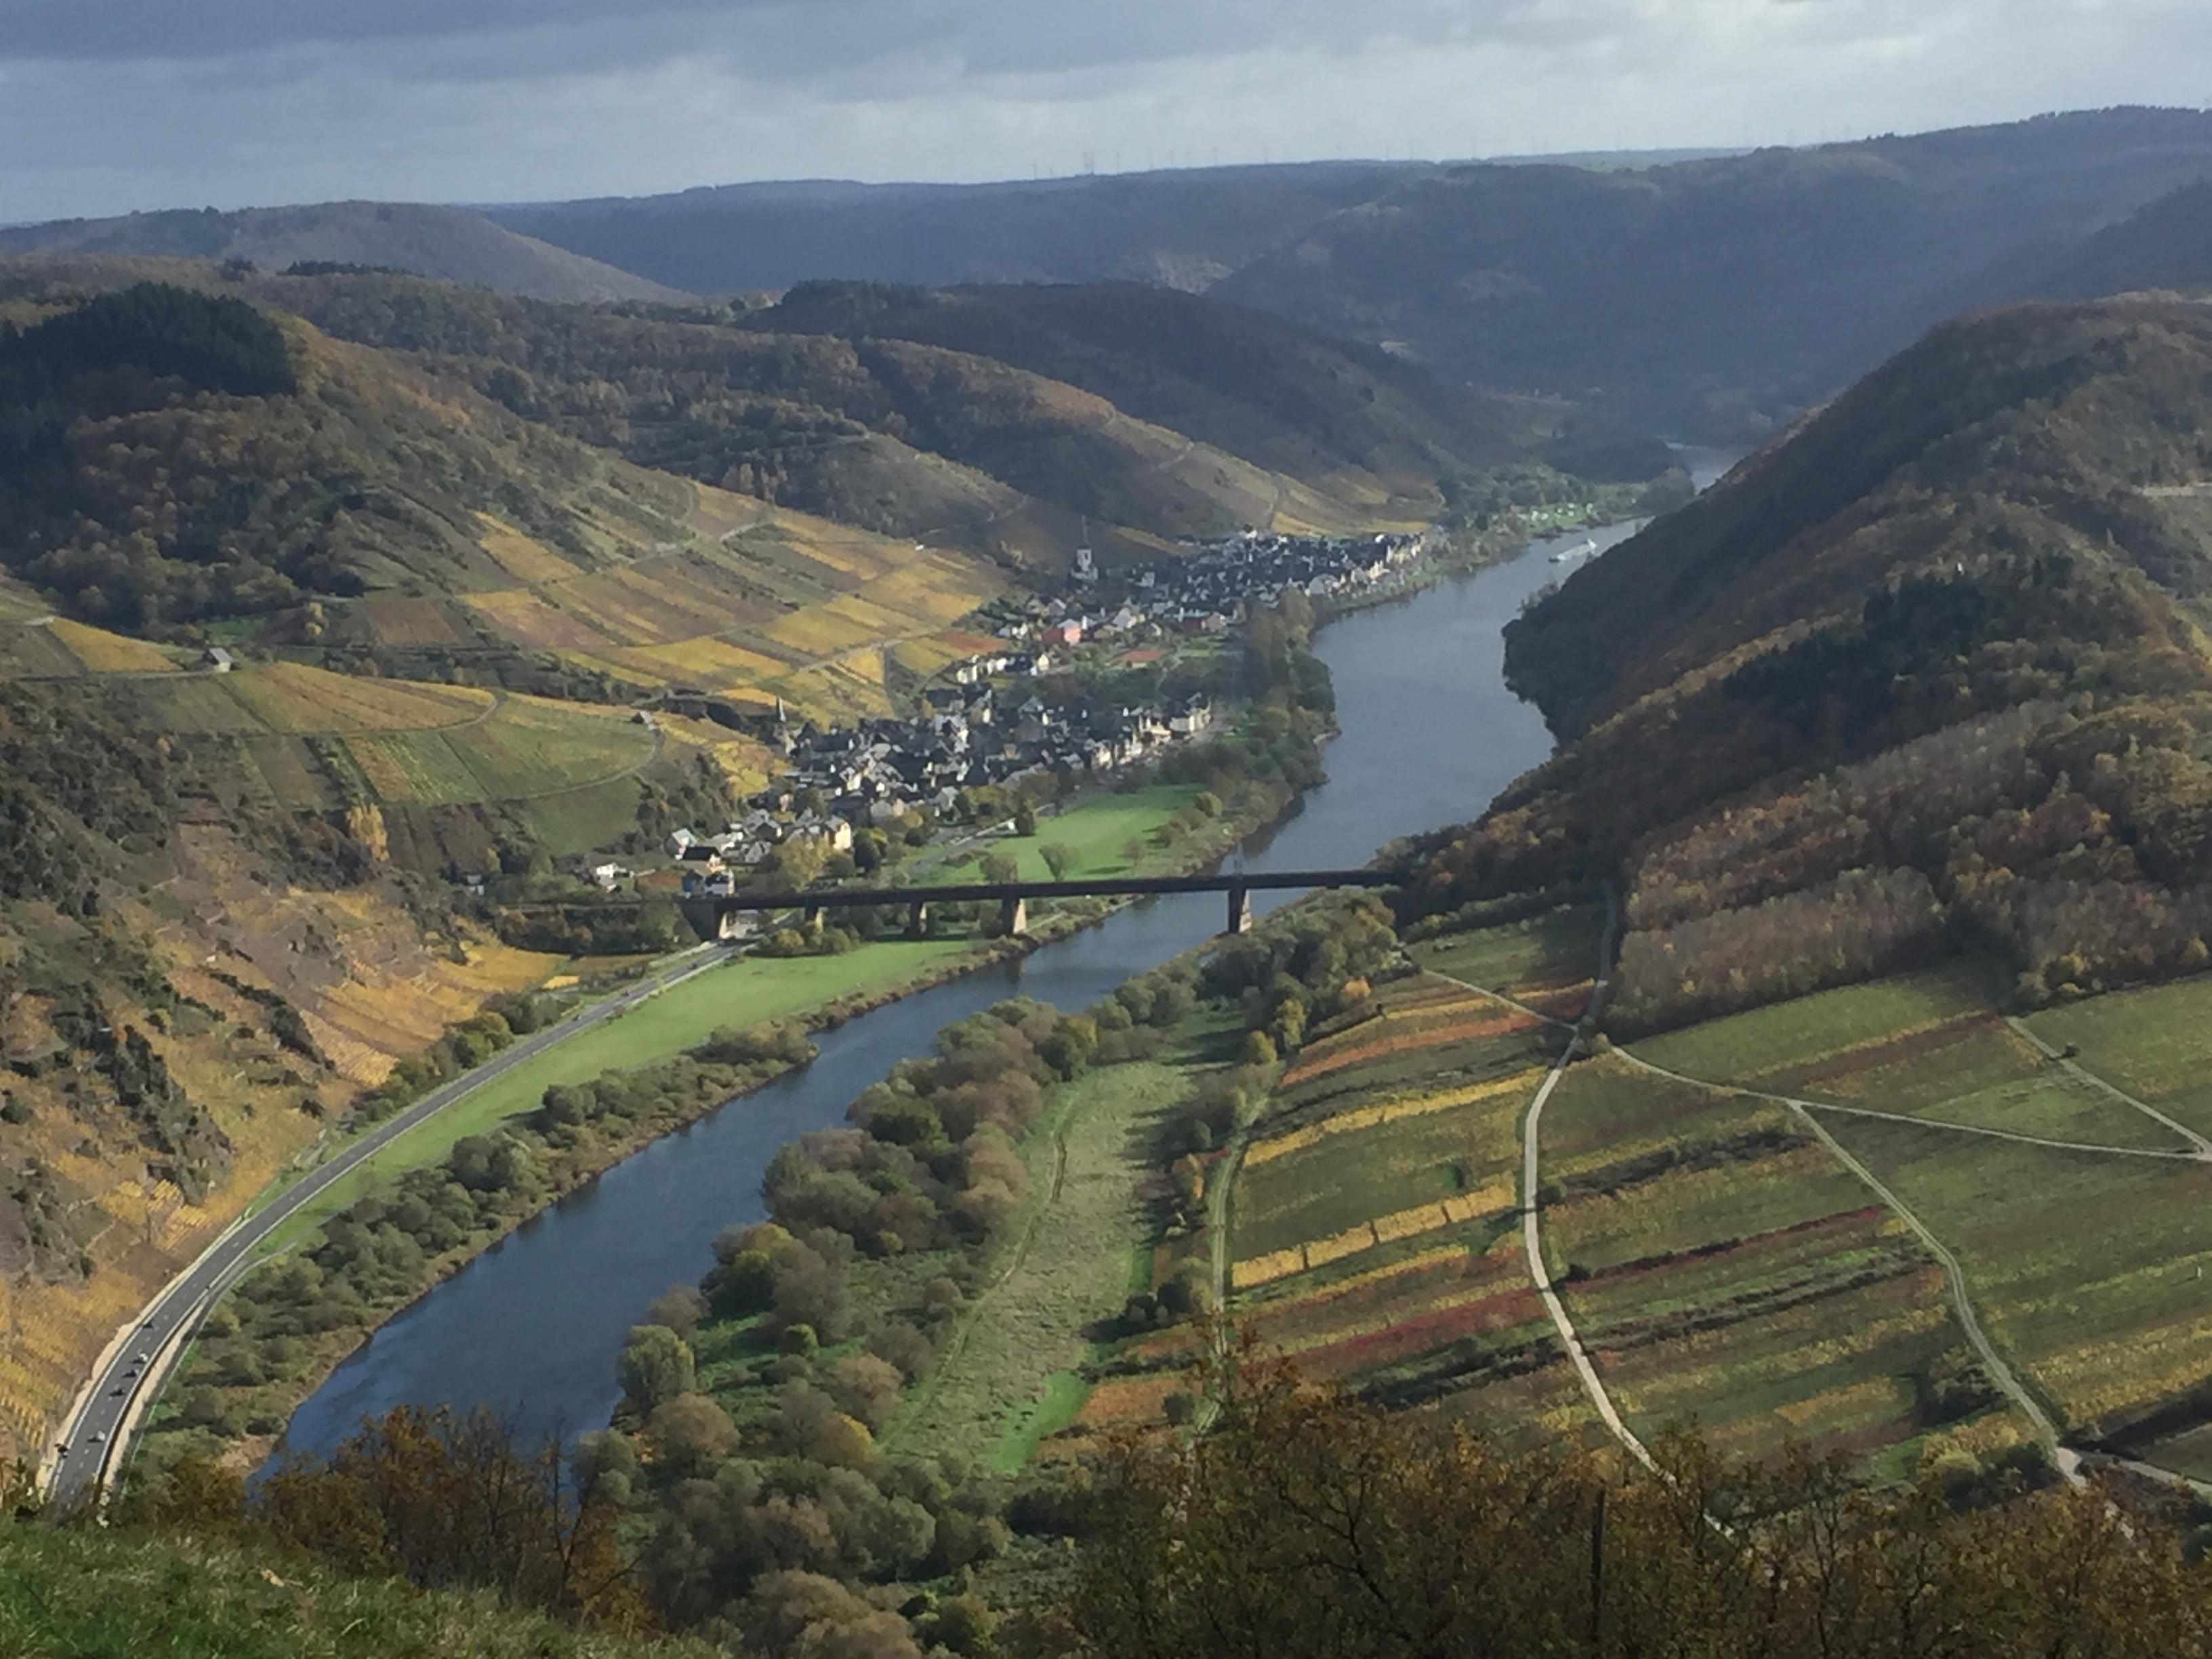 Klettersteig Mosel : Bestager reise ediger eller eisenbahnbrücke mosel calmont